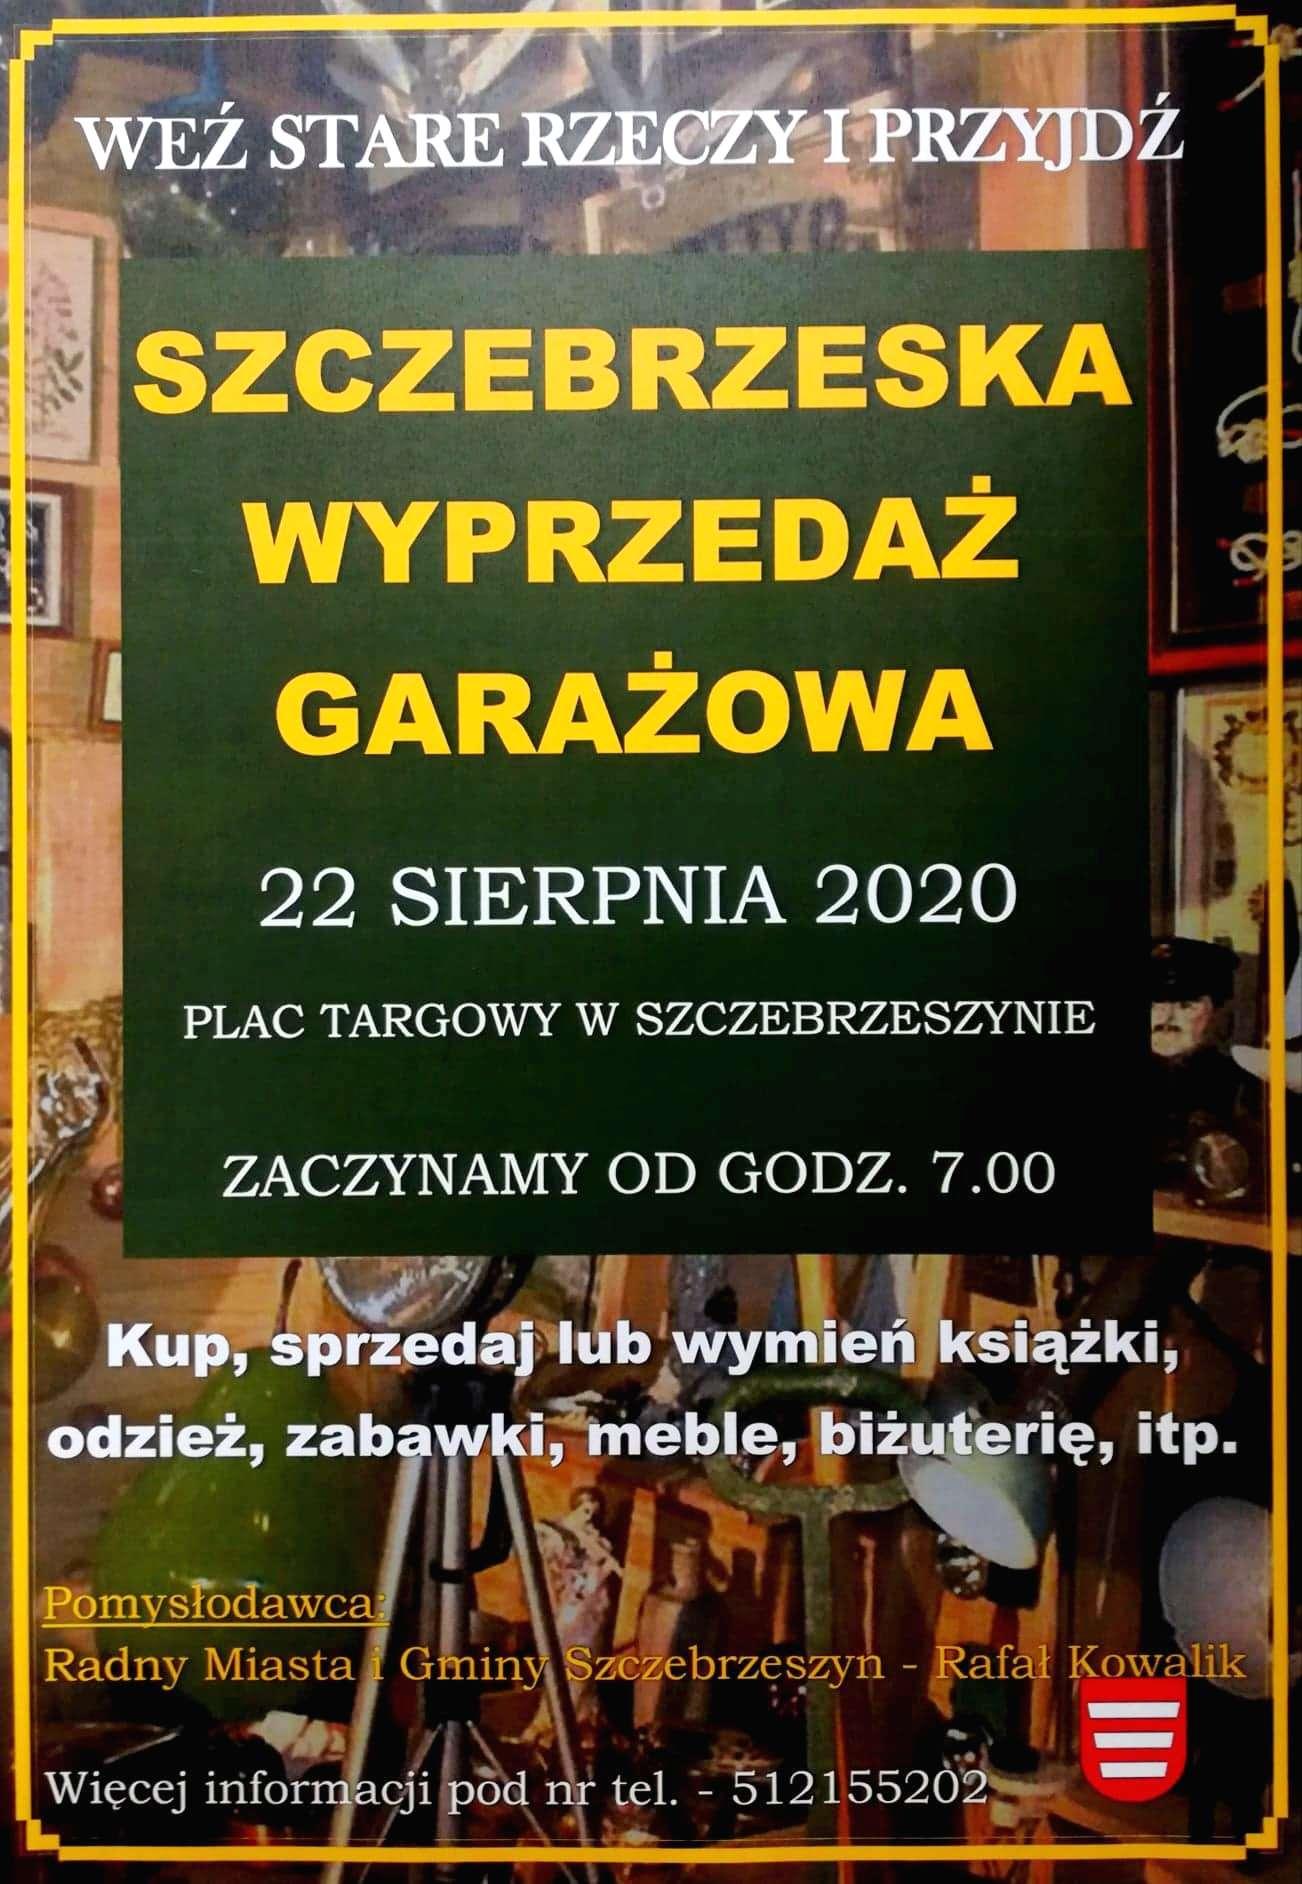 117633760 1246899075661140 4215190472676770646 n Nadchodzi kolejna Szczebrzeska Wyprzedaż Garażowa